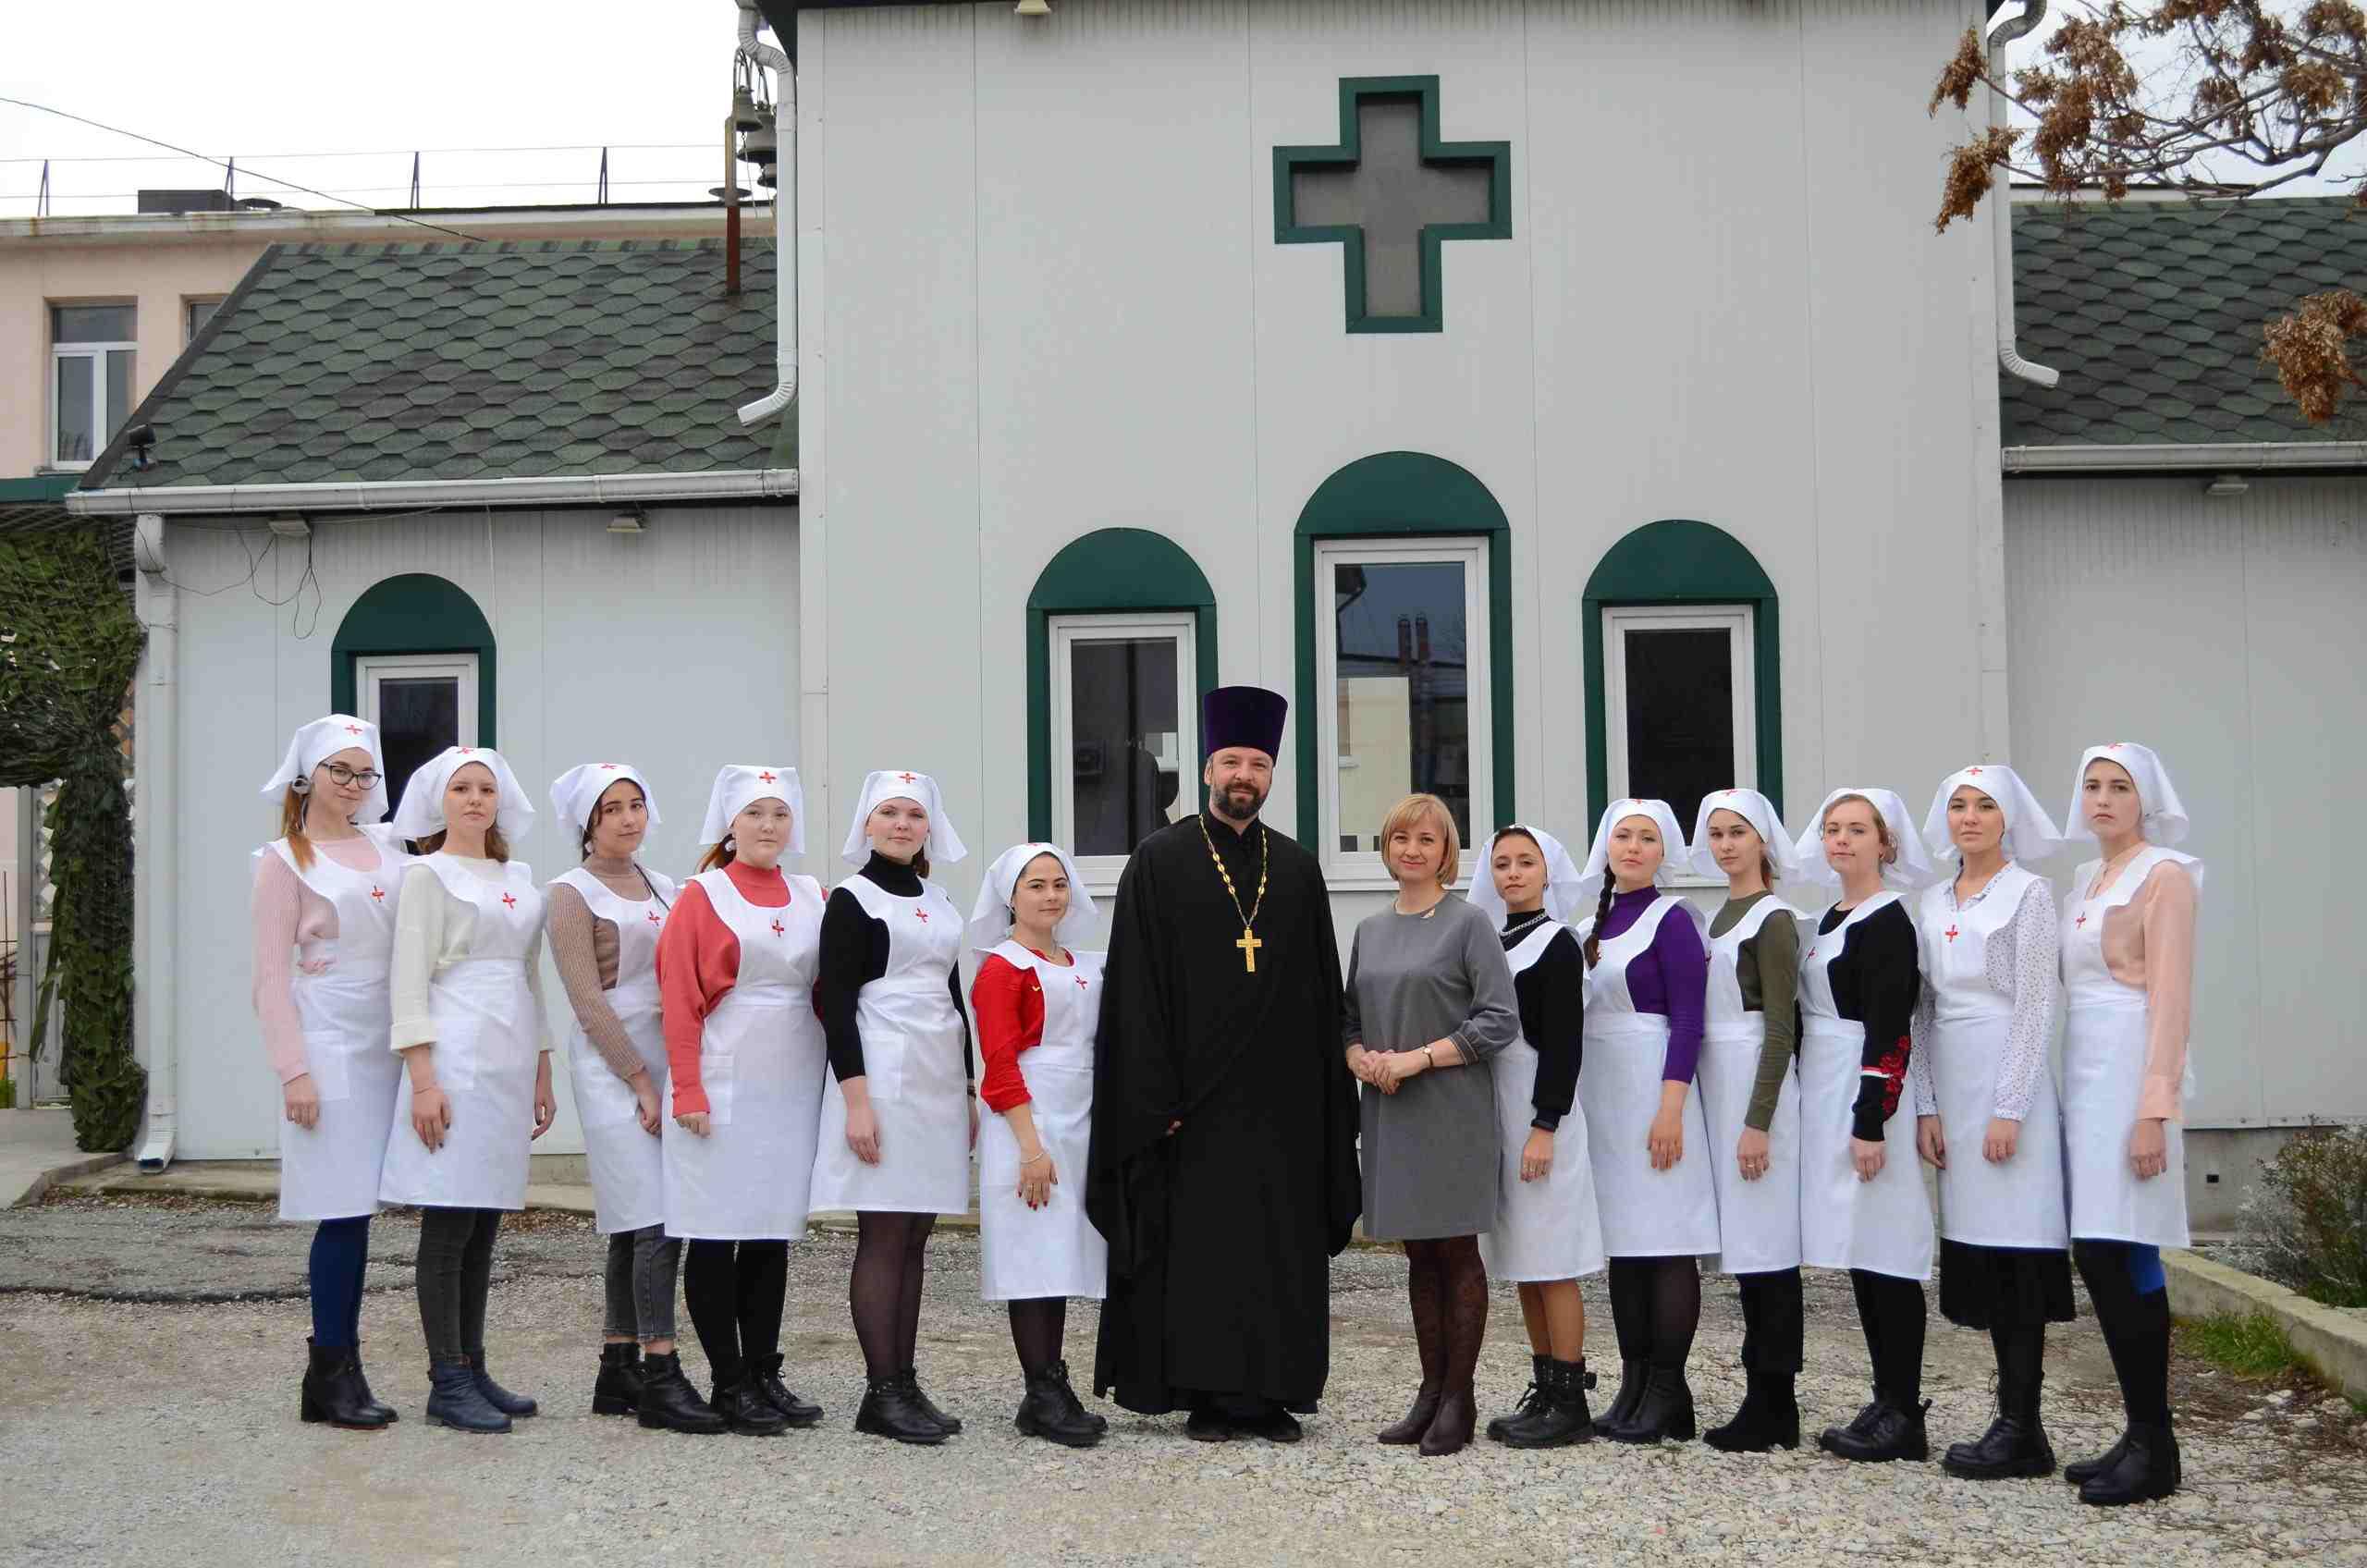 Новороссийских студенток наградили за милосердие, а вскоре они появятся в горбольнице, чтобы поддержать маленьких пациентов